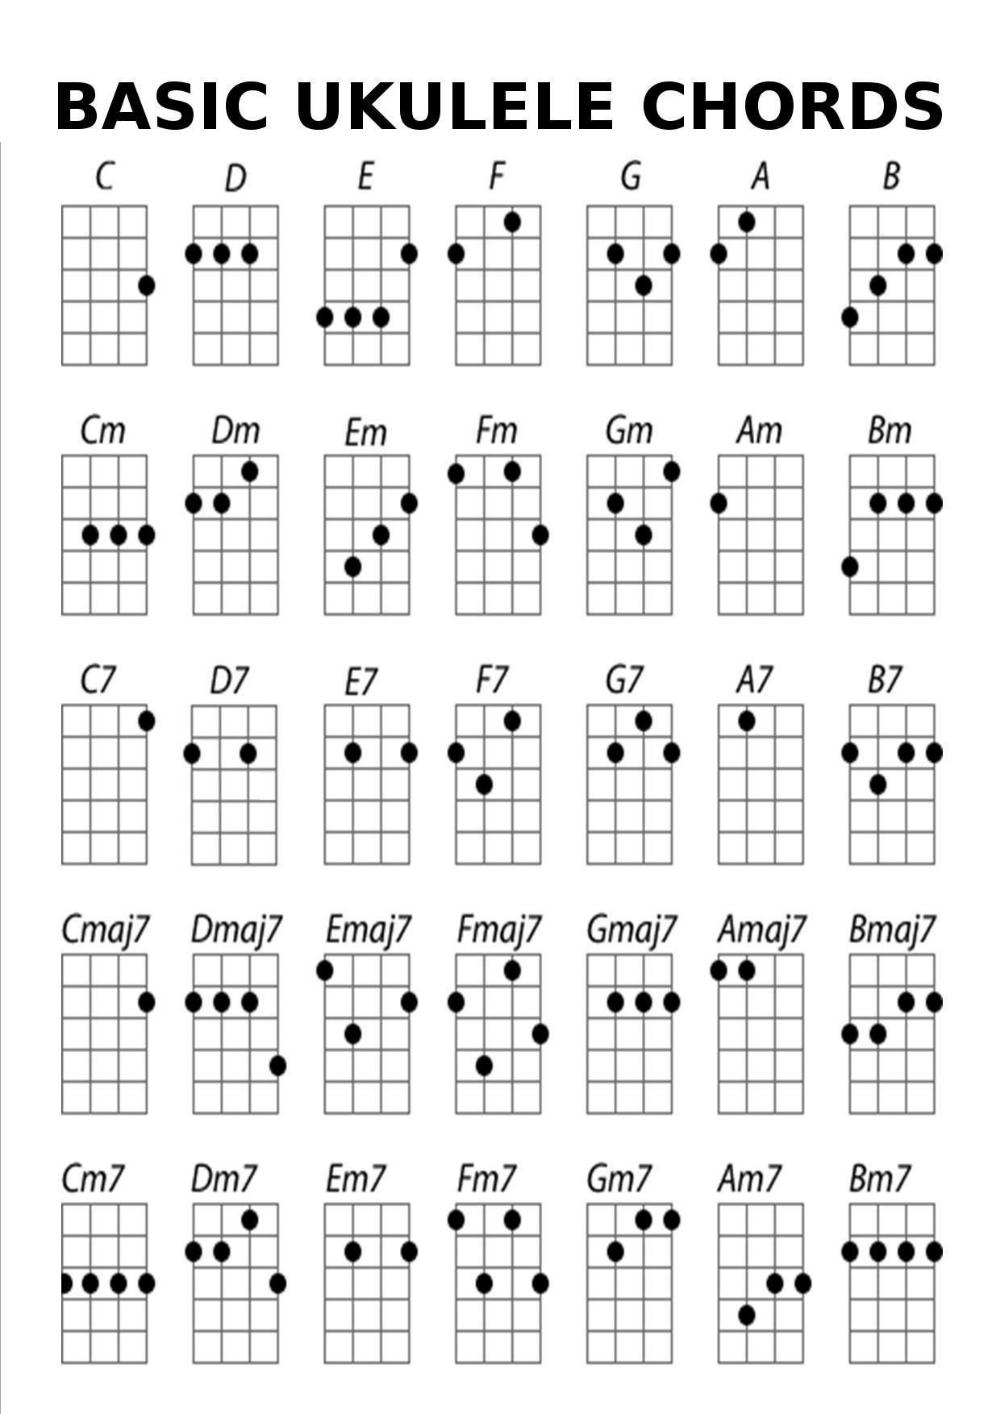 Basic Ukulele Chord Chart   Accomplice ...   Ukulele chords chart ...